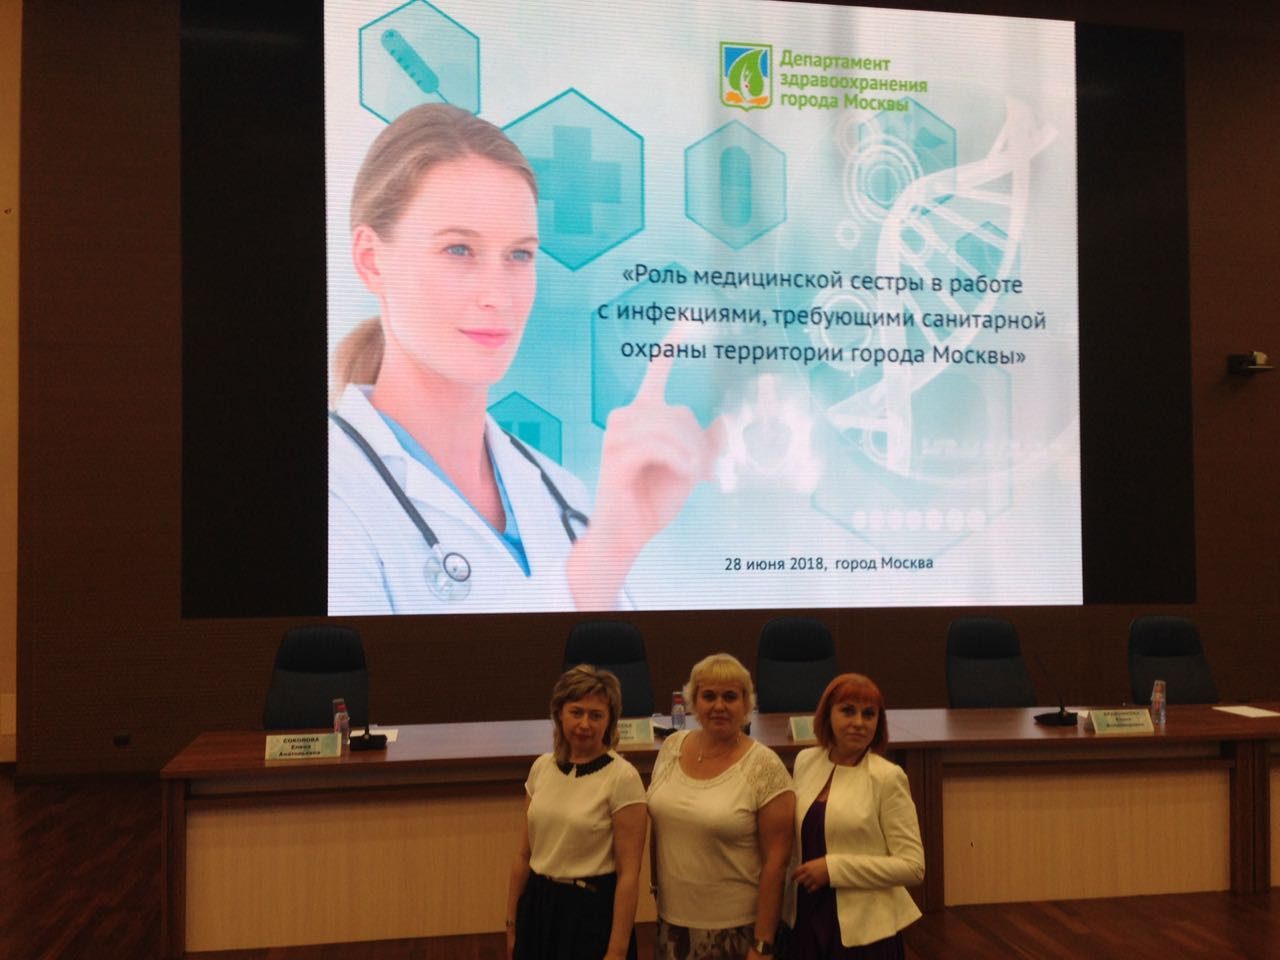 Сотрудники Центра приняли участие в конференции, посвящённой различным инфекциям